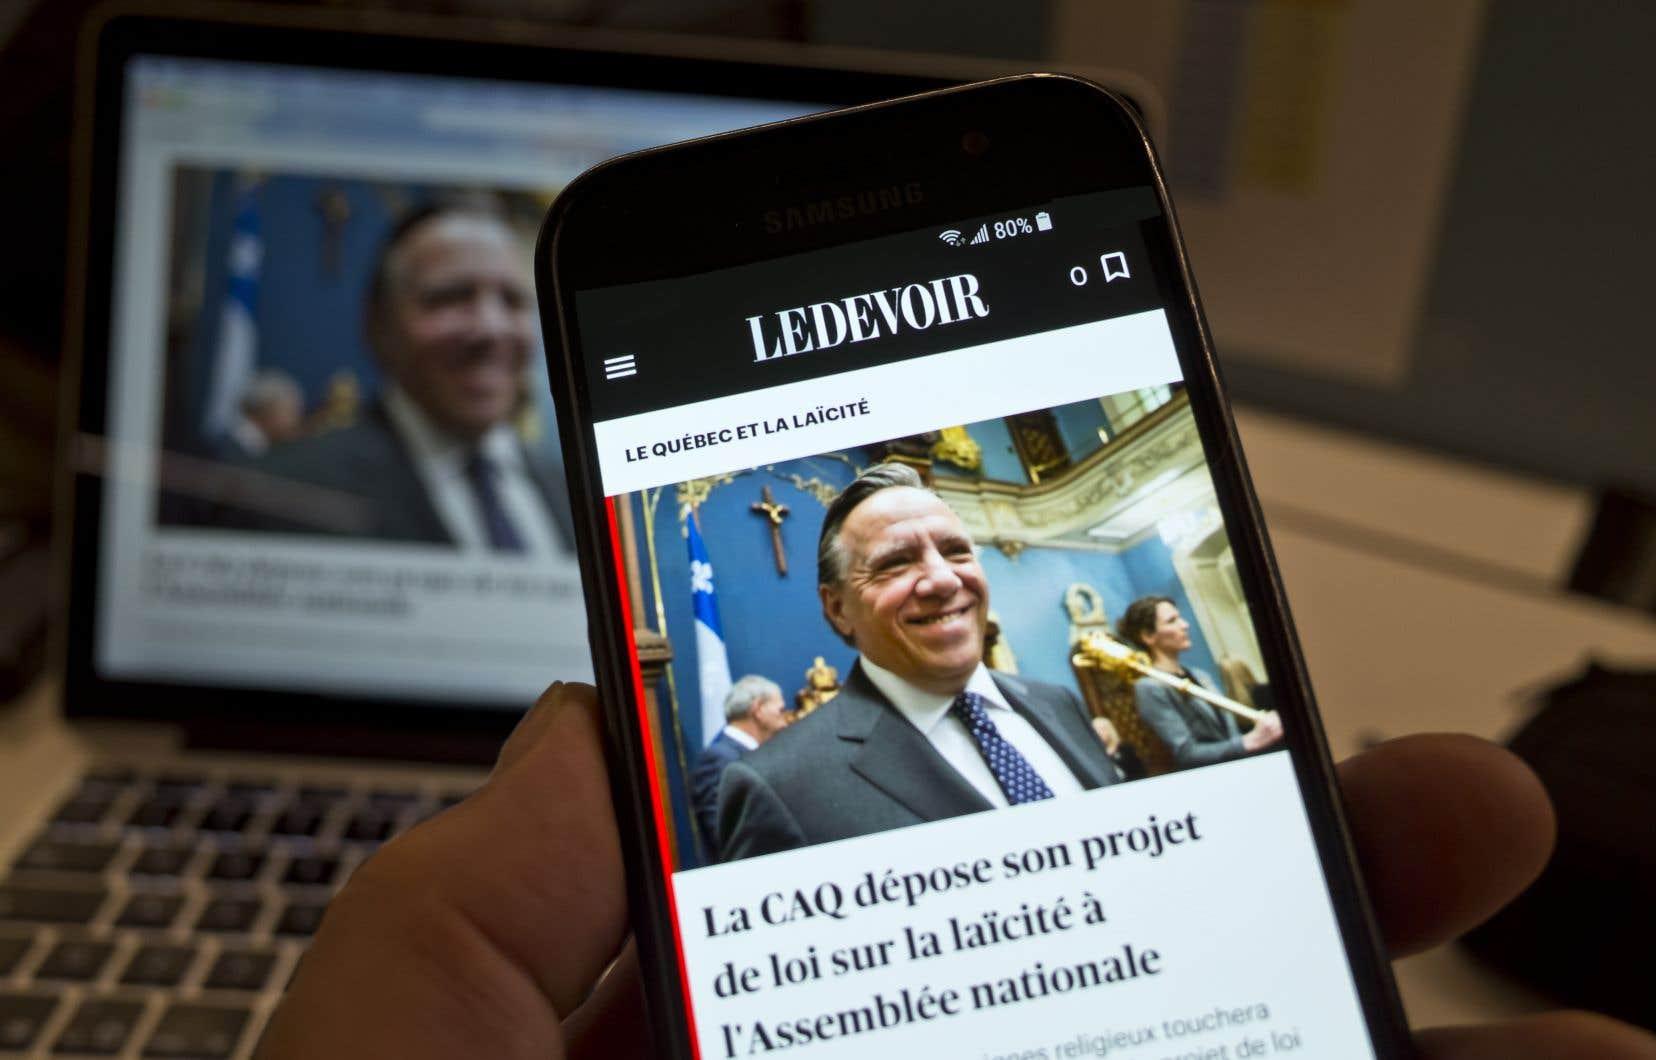 Le projet de loi sur la laïcité du gouvernement Legault promet de replonger le Québec dans un débat enflammé sur le port de signes religieux.